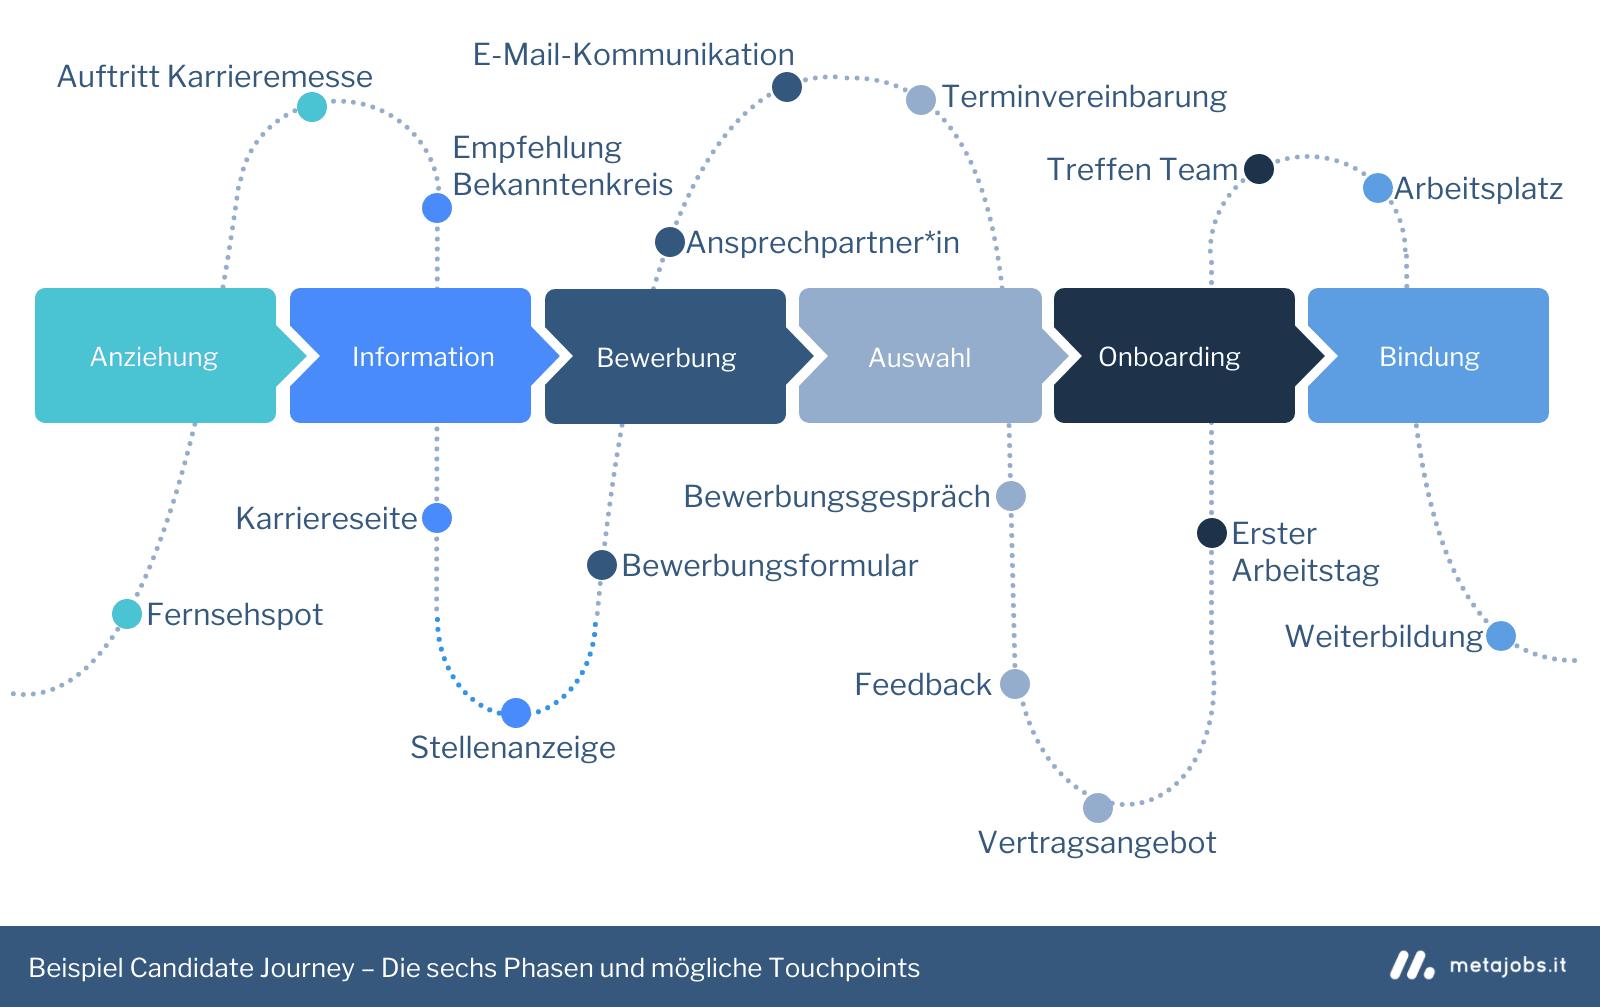 Beispiel Candidate Journey – Die sechs Phasen und mögliche Touchpoints Infografik